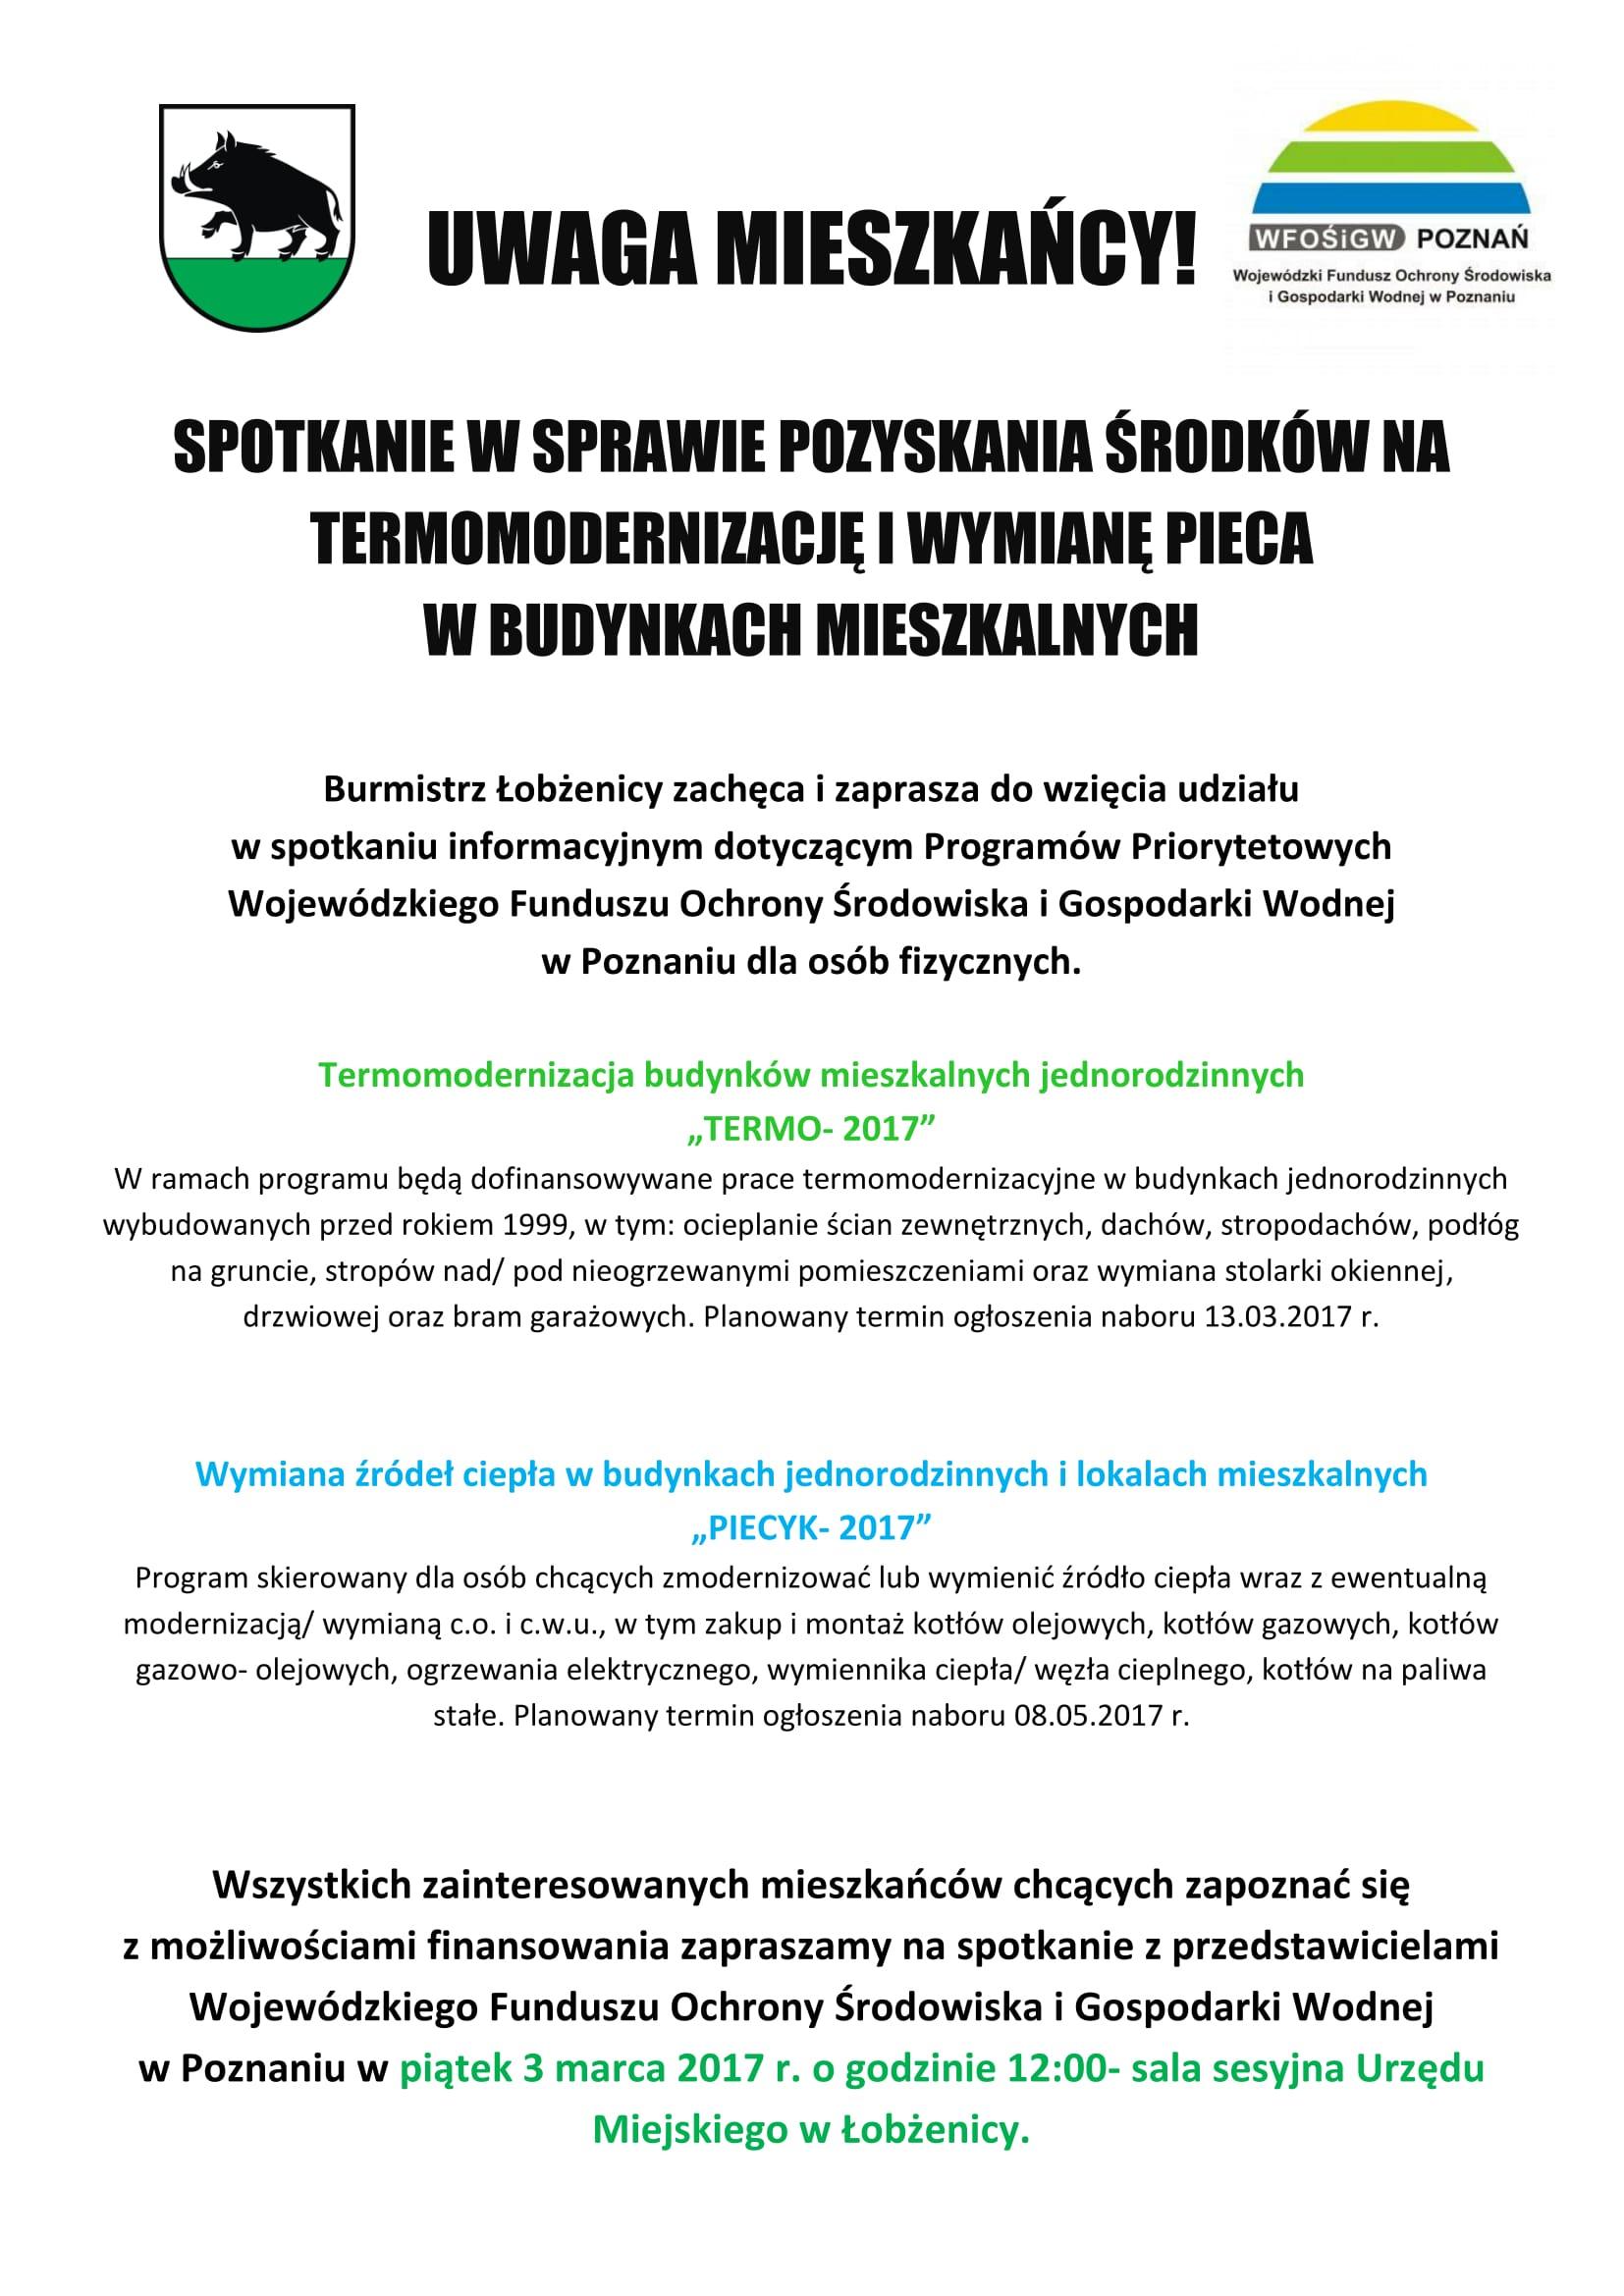 - uwaga_mieszkancy-1.jpg